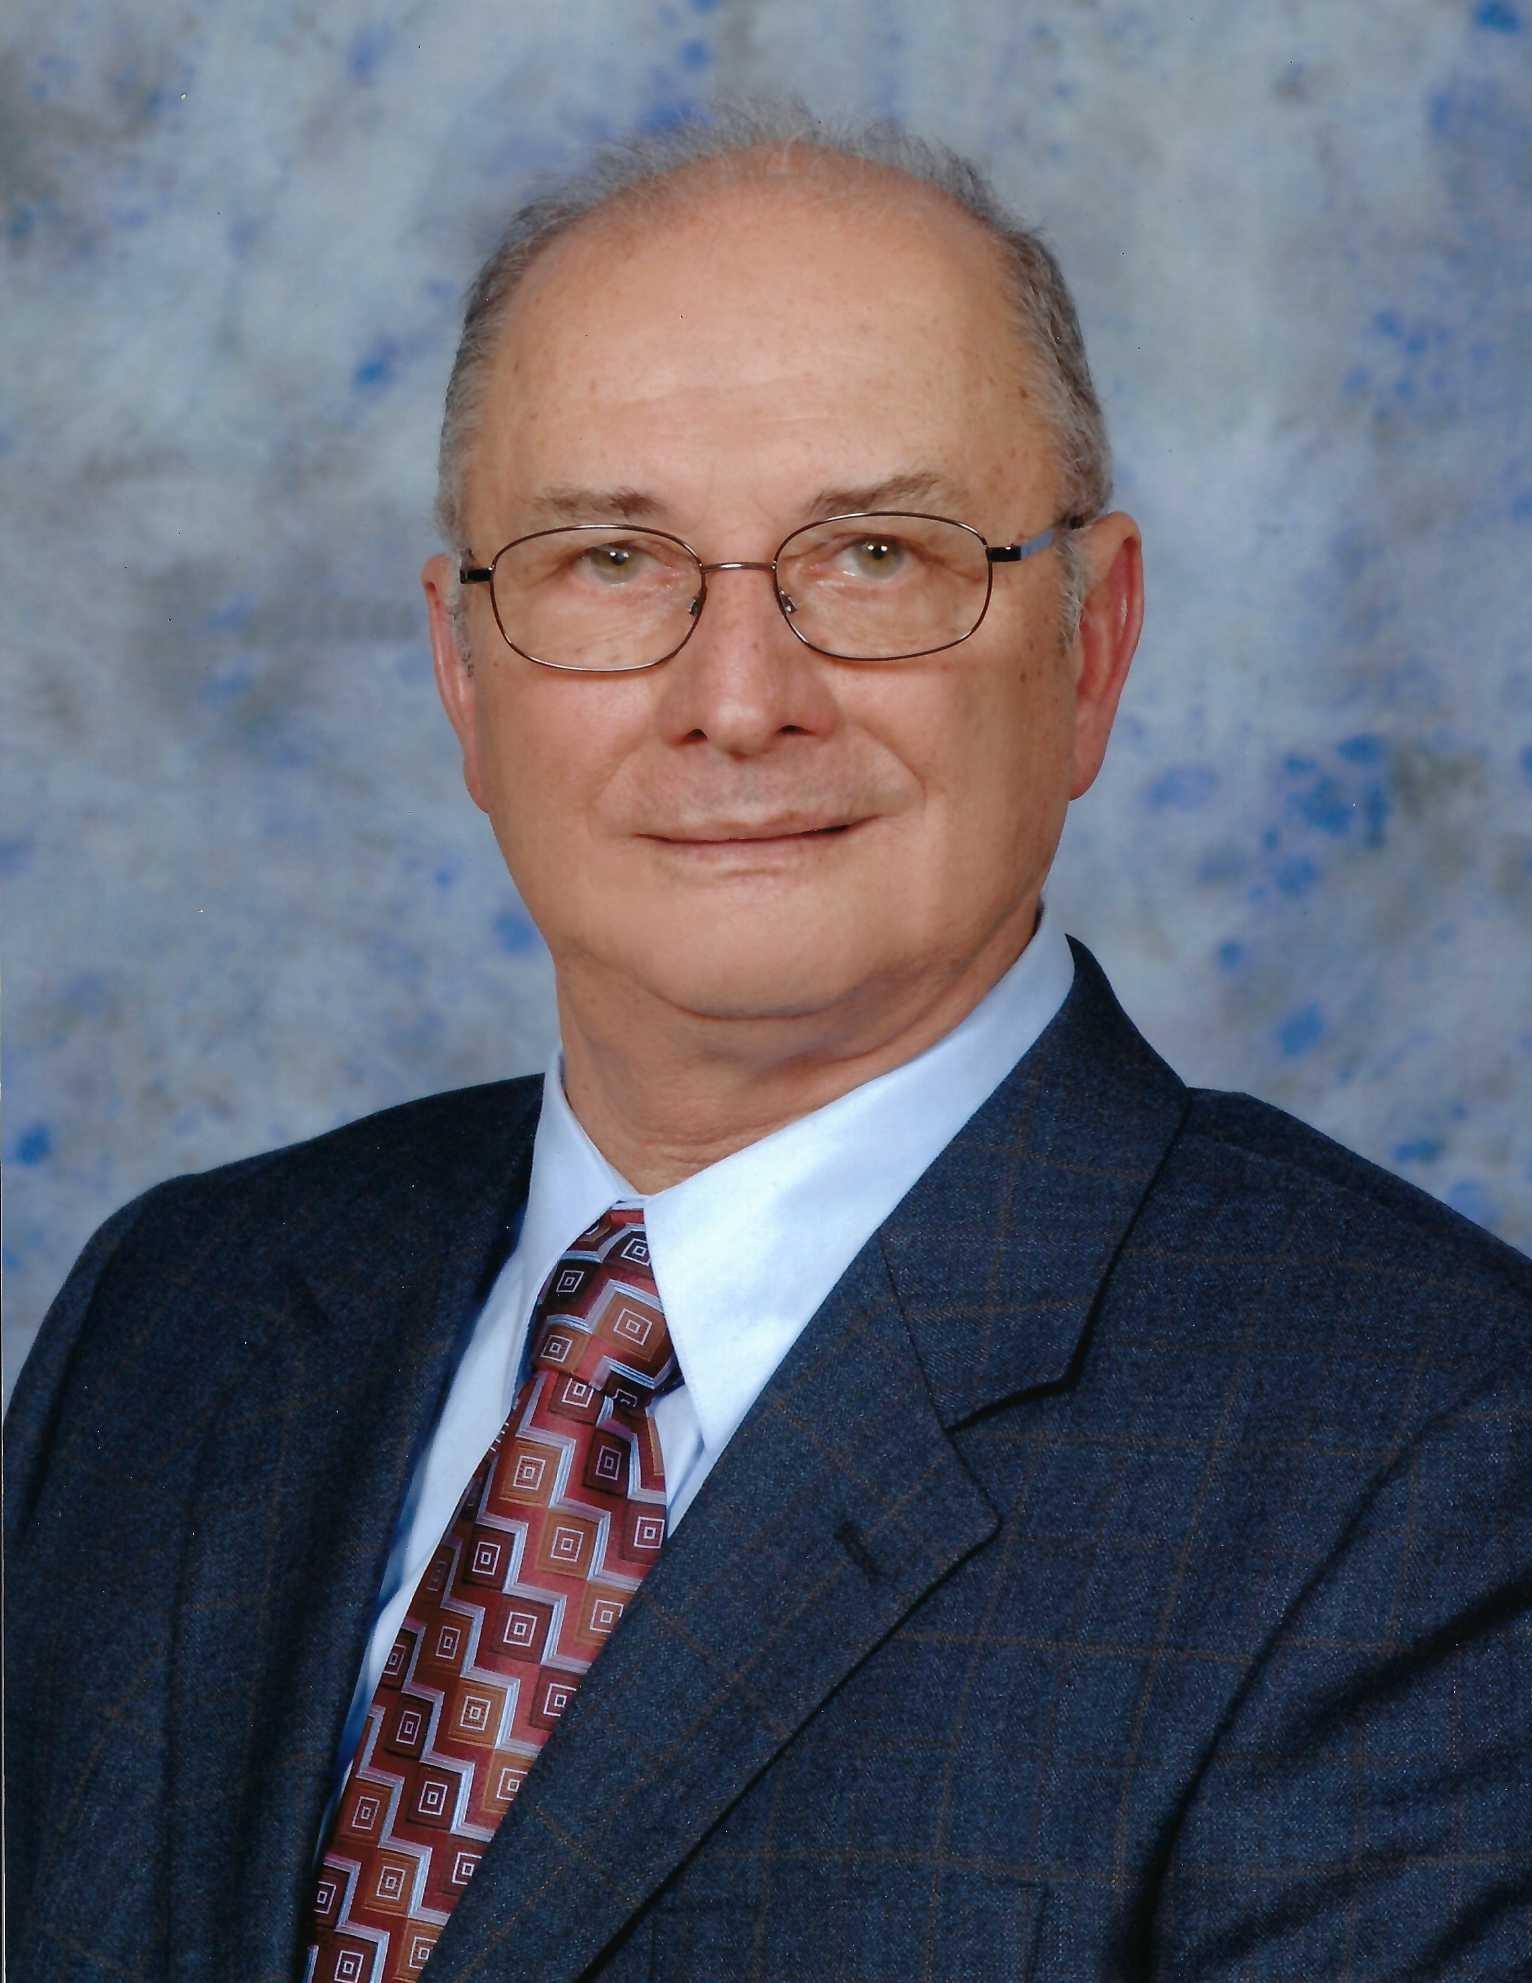 Eugene Hutzayluk